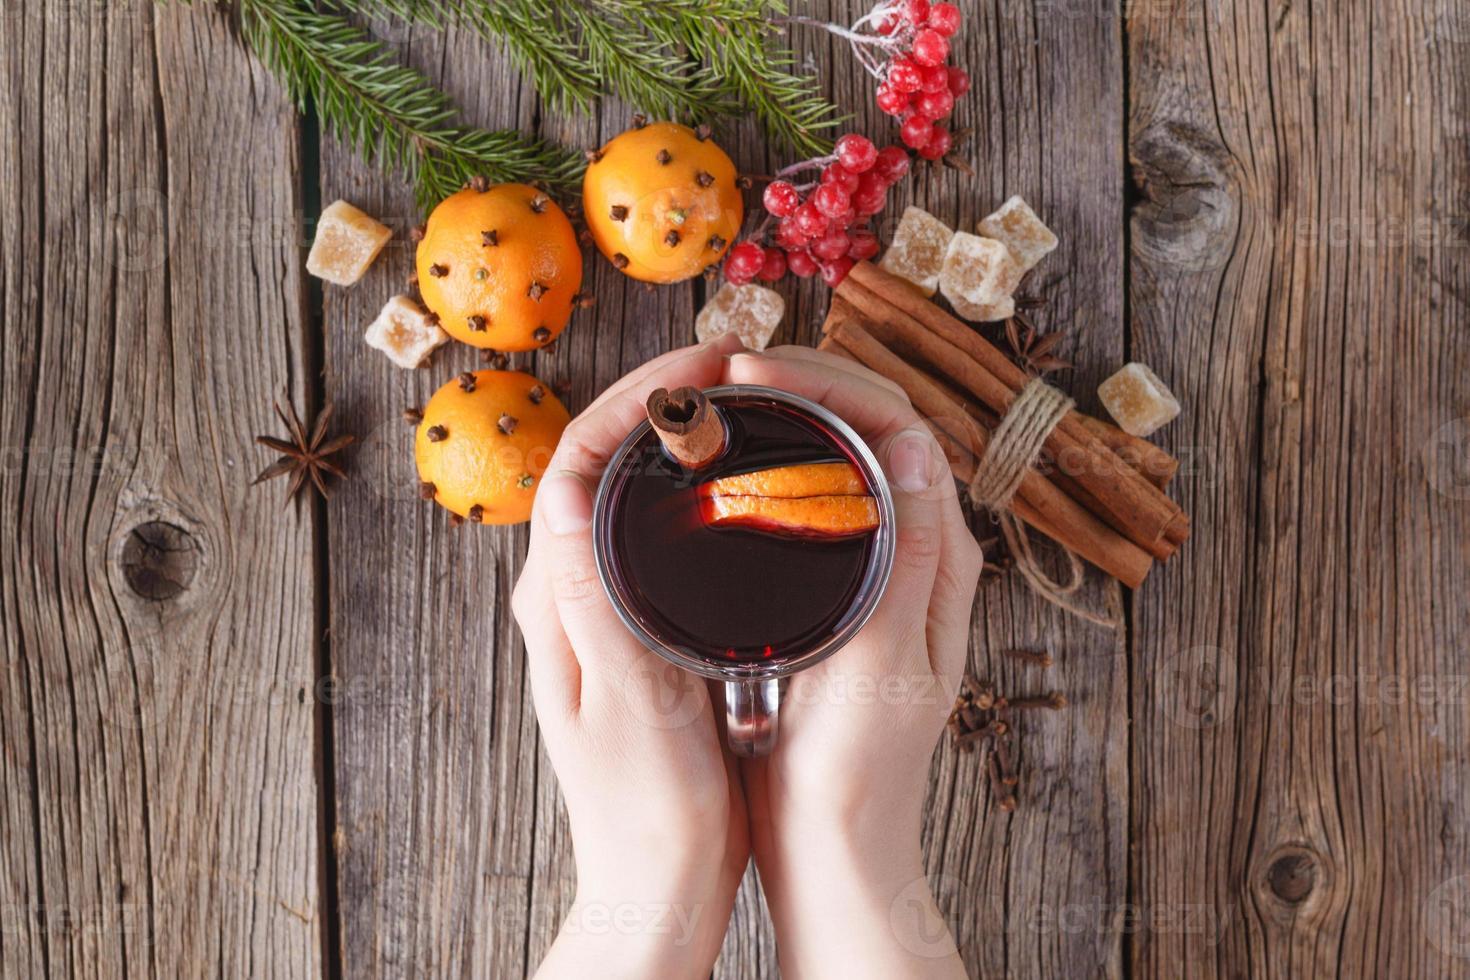 copo de espera feminino de vinho quente quente foto